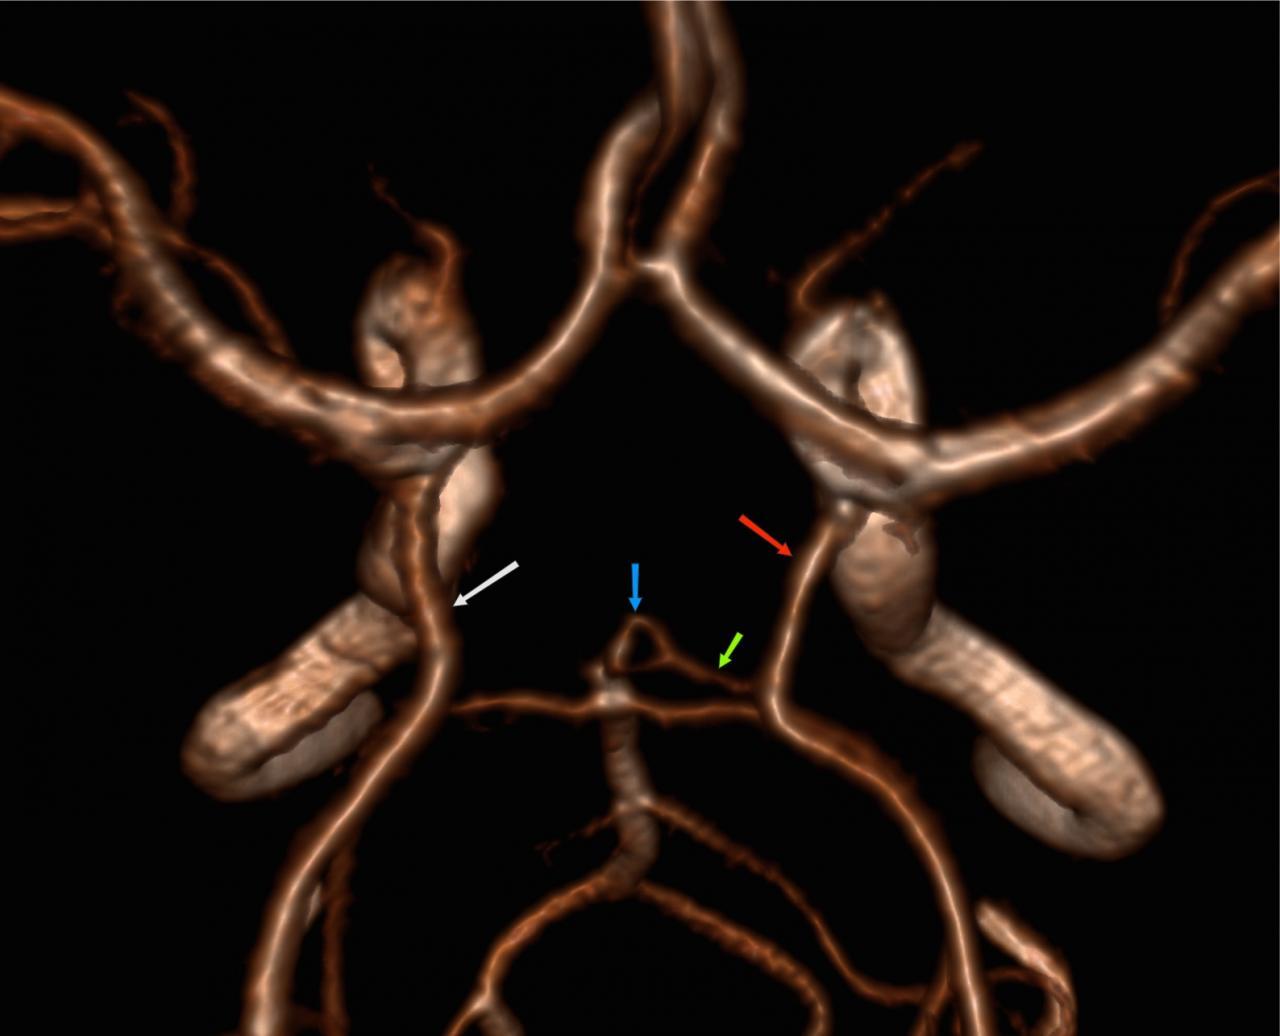 hipertóniával összezúzza a szívet standard a magas vérnyomás kezelésében